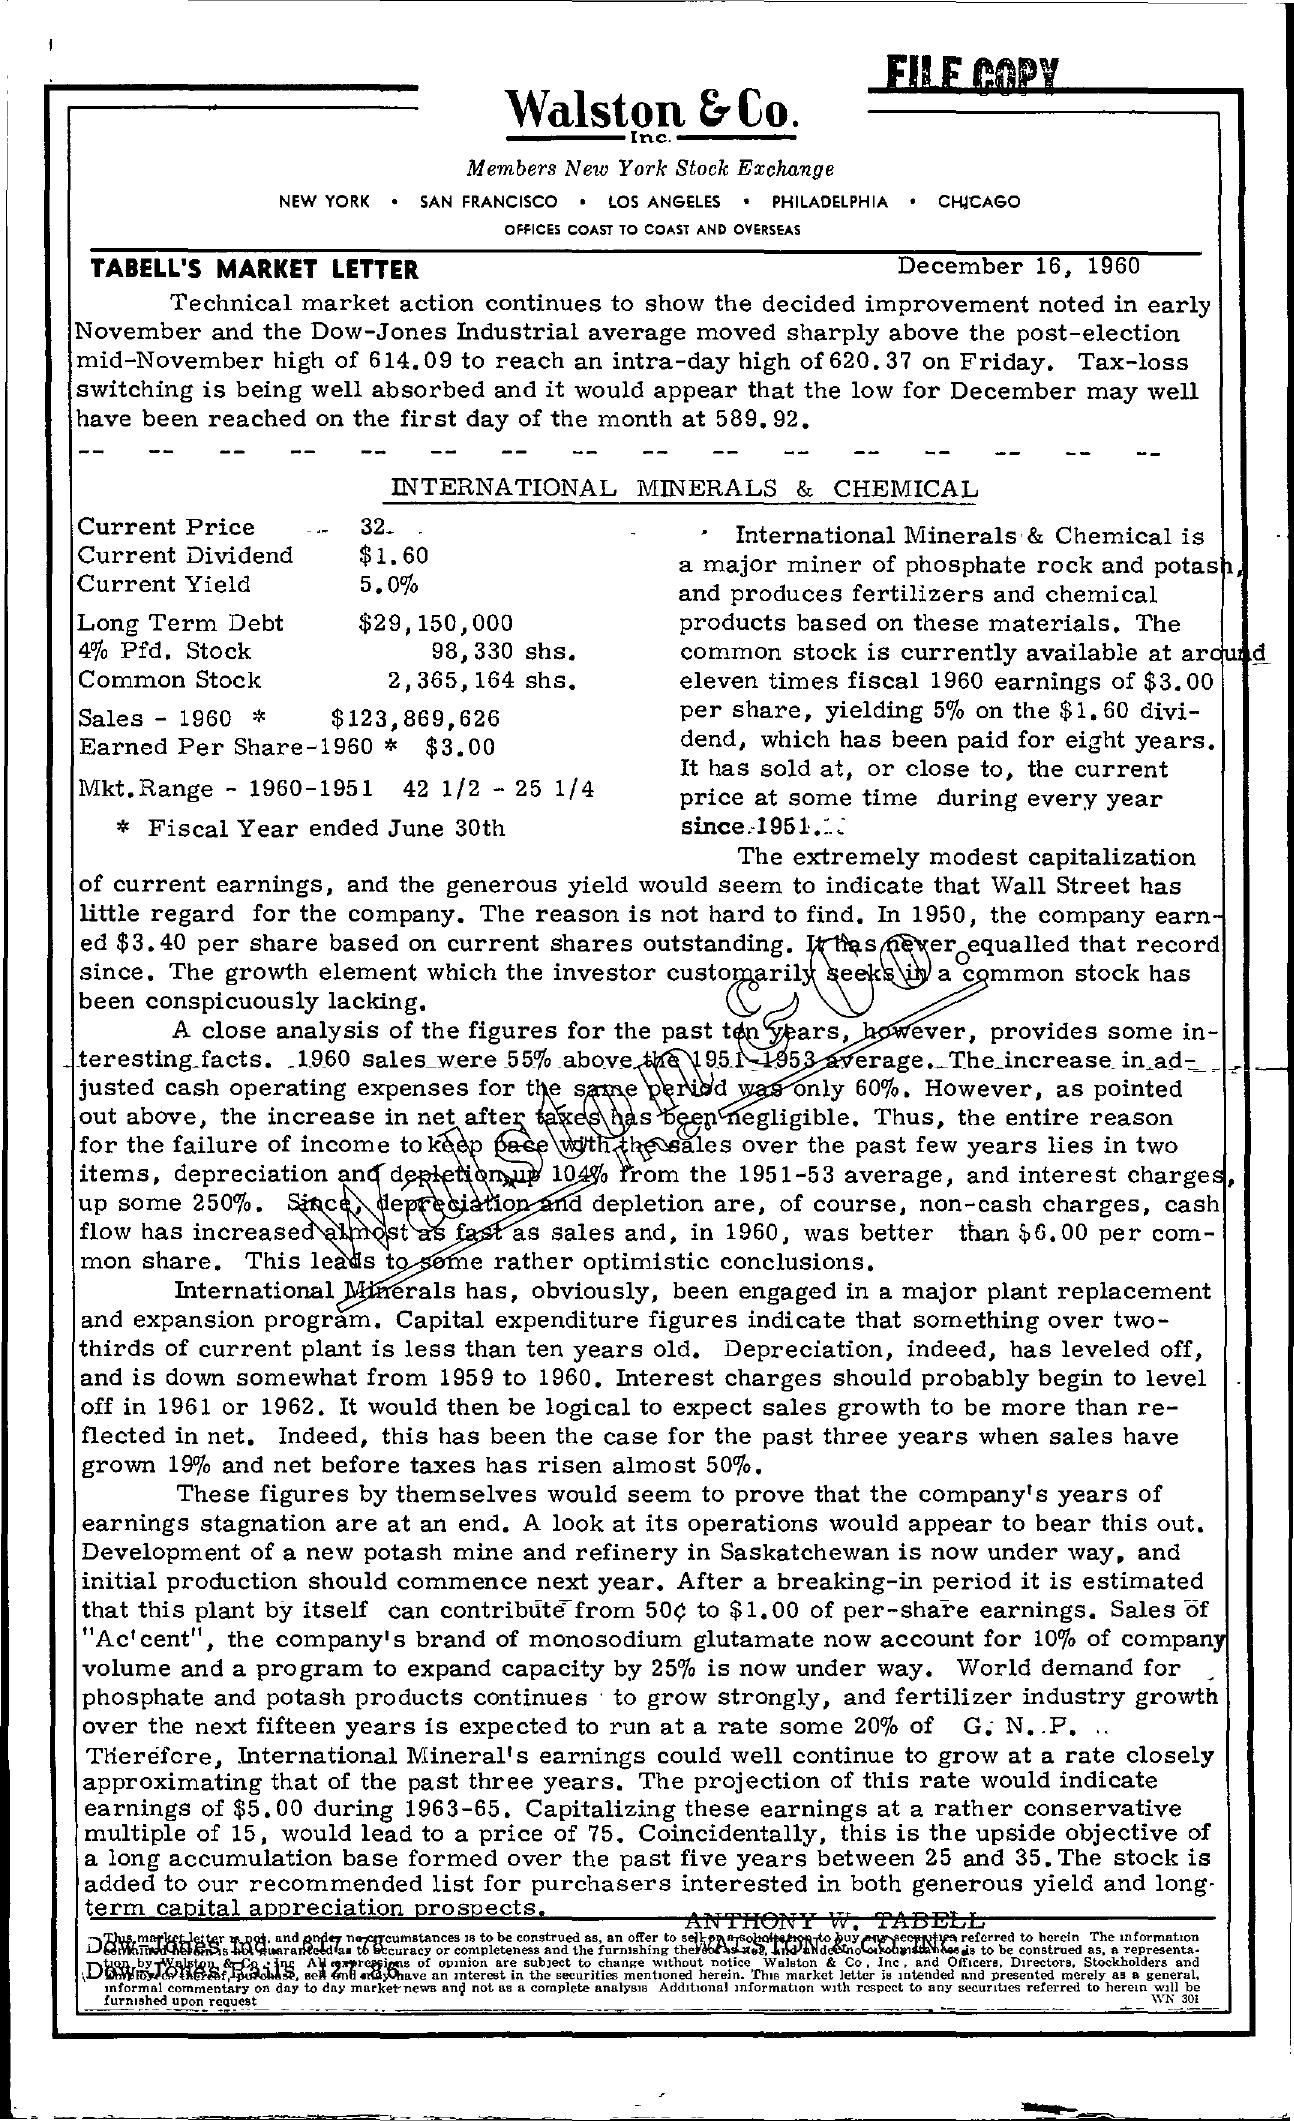 Tabell's Market Letter - December 16, 1960